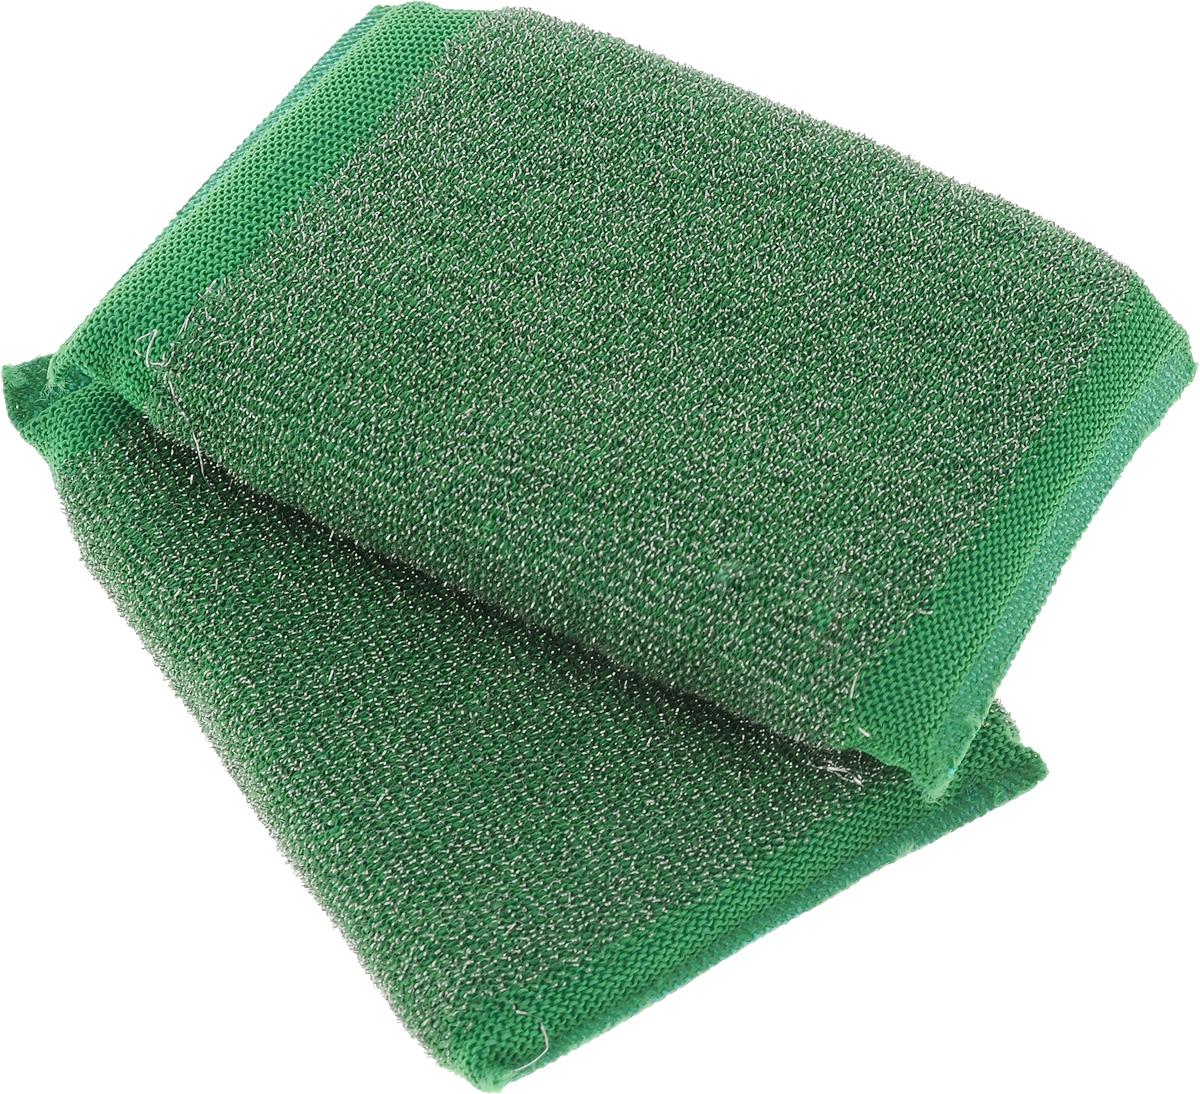 Набор губок Хозяюшка Мила Задира для мытья посуды, со стальной нитью, цвет: зеленый, 2 шт1019_зеленыйДля изготовления верхнего чистящего слоя губки Задира используется ткань с металлизированной нитью, благодаря этому поверхность губки становится жесткой и подходит для удаления самых сильных загрязнений. Идеальна для очистки грилей, решеток, шампуров, барбекю.Размер губки: 12,5 х 8,5 х 2 см.